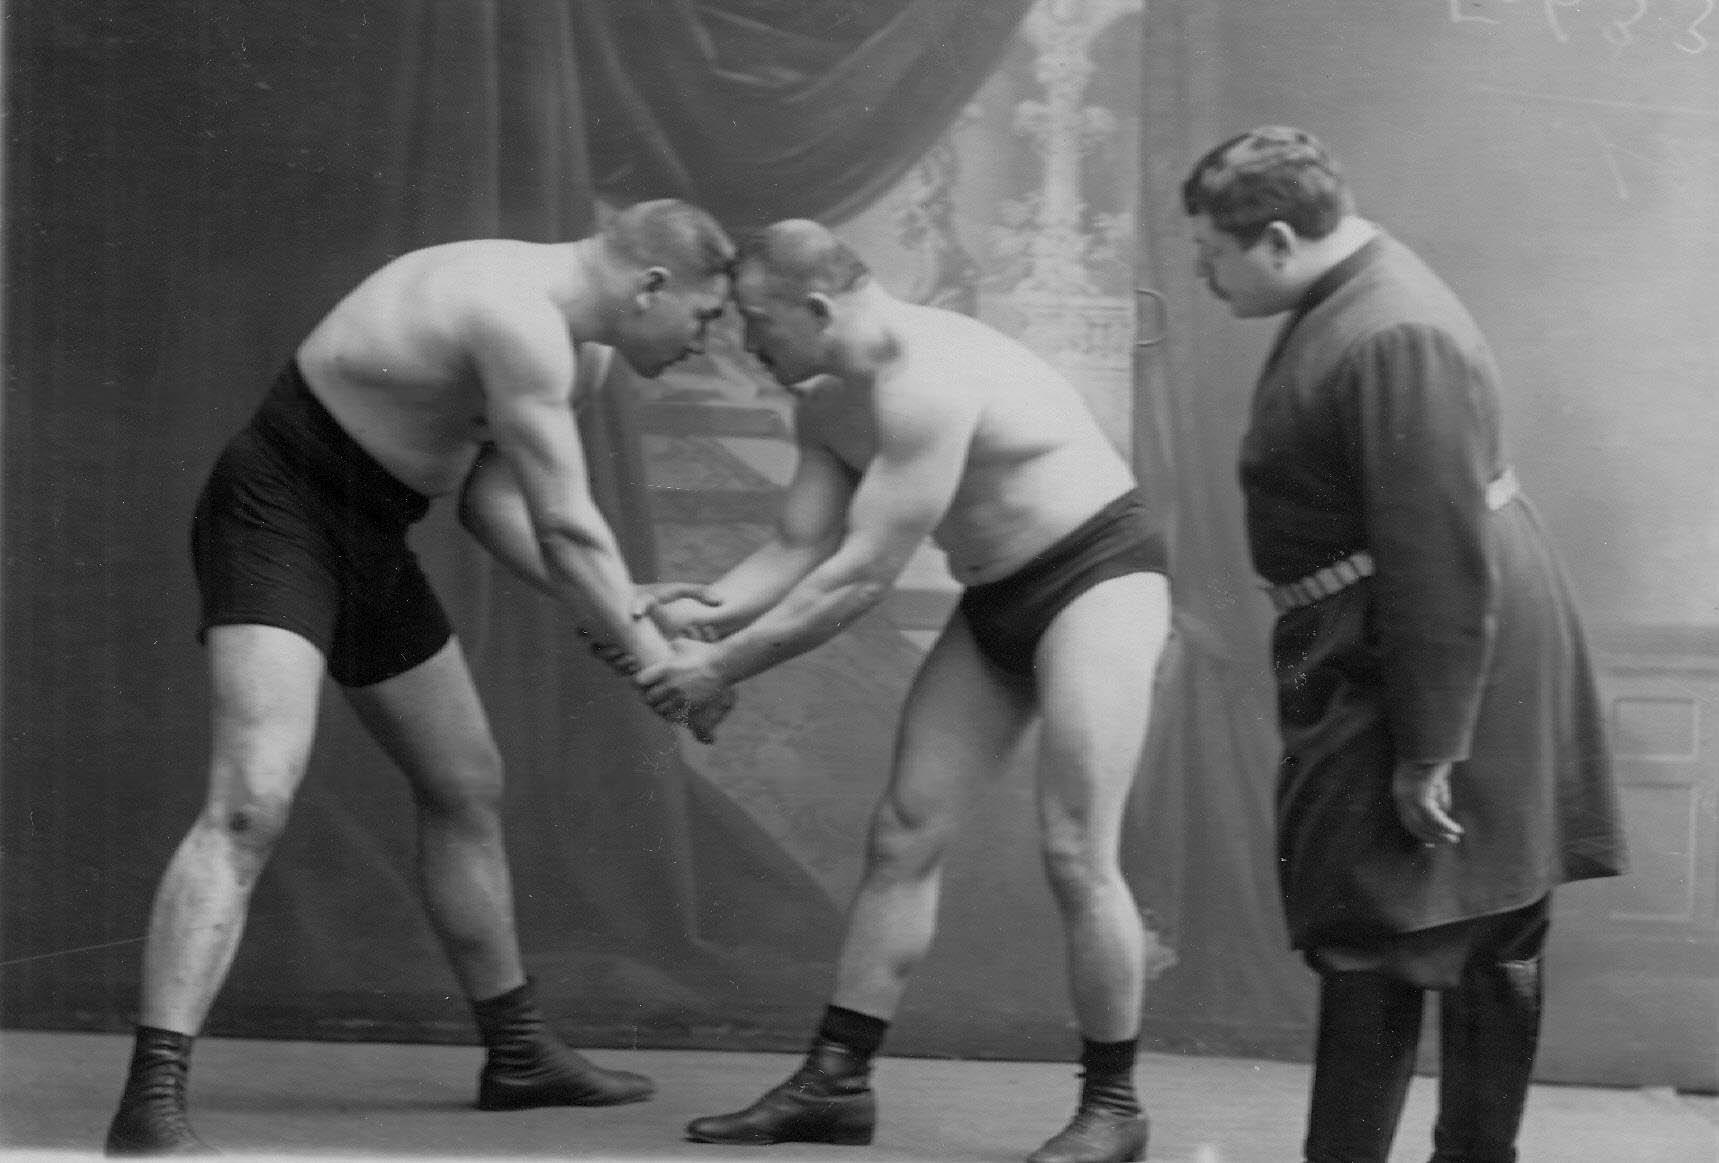 Судья И.В.Лебедев наблюдает за моментом борьбы двух борцов среднего веса